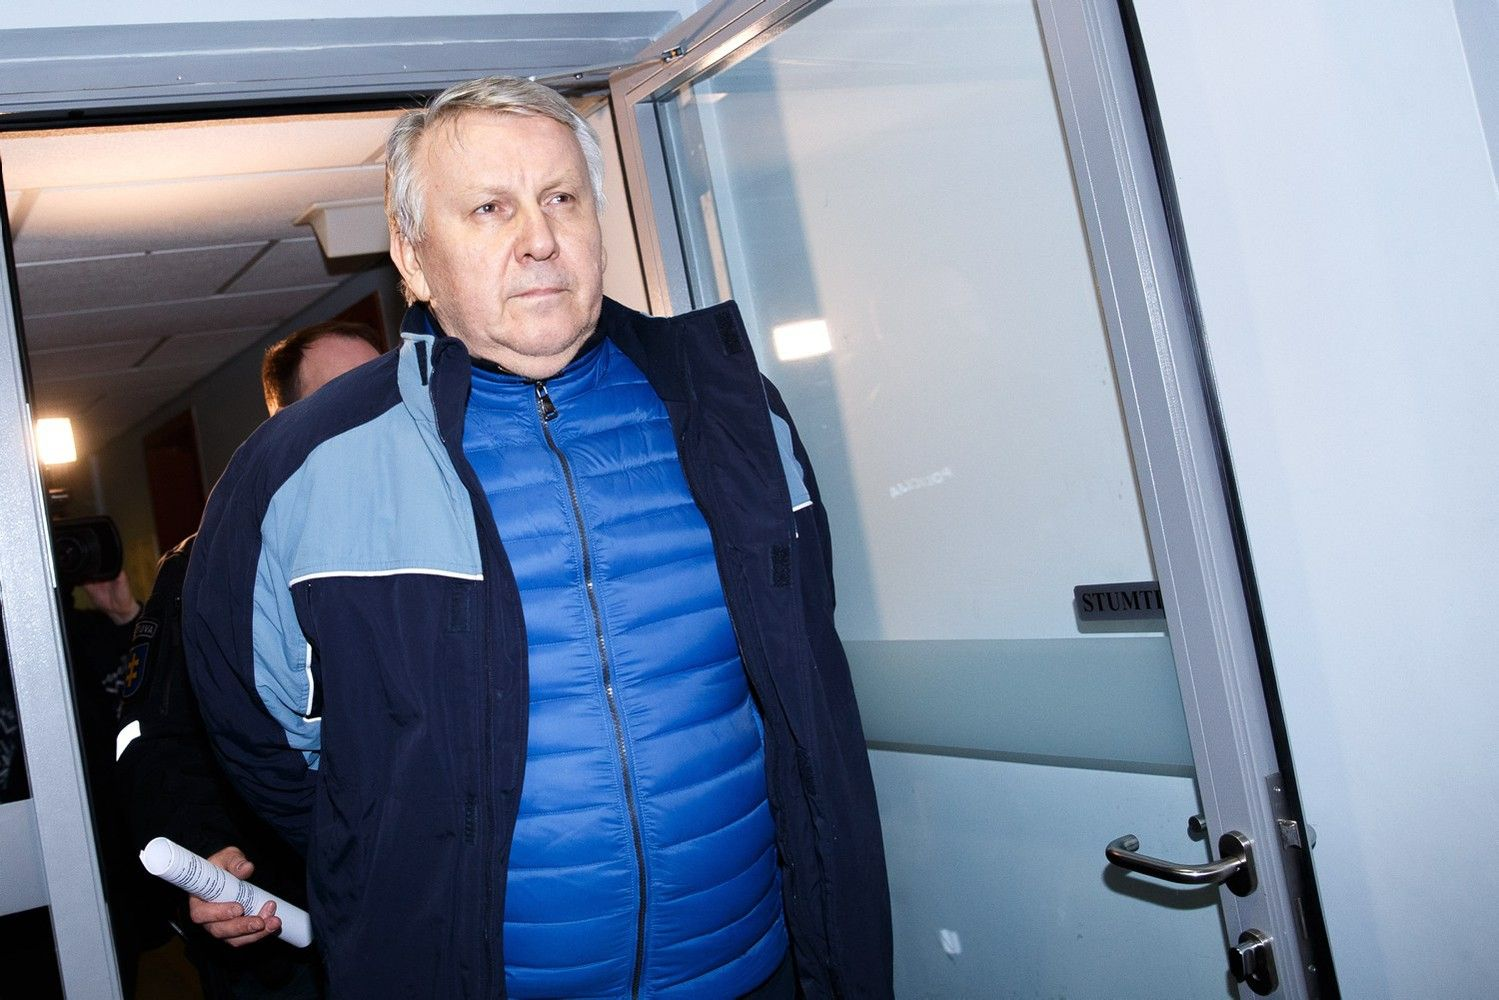 Prokuratūra dar du mėnesius prašo laikyti suimtą advokatą D. Zagrecką